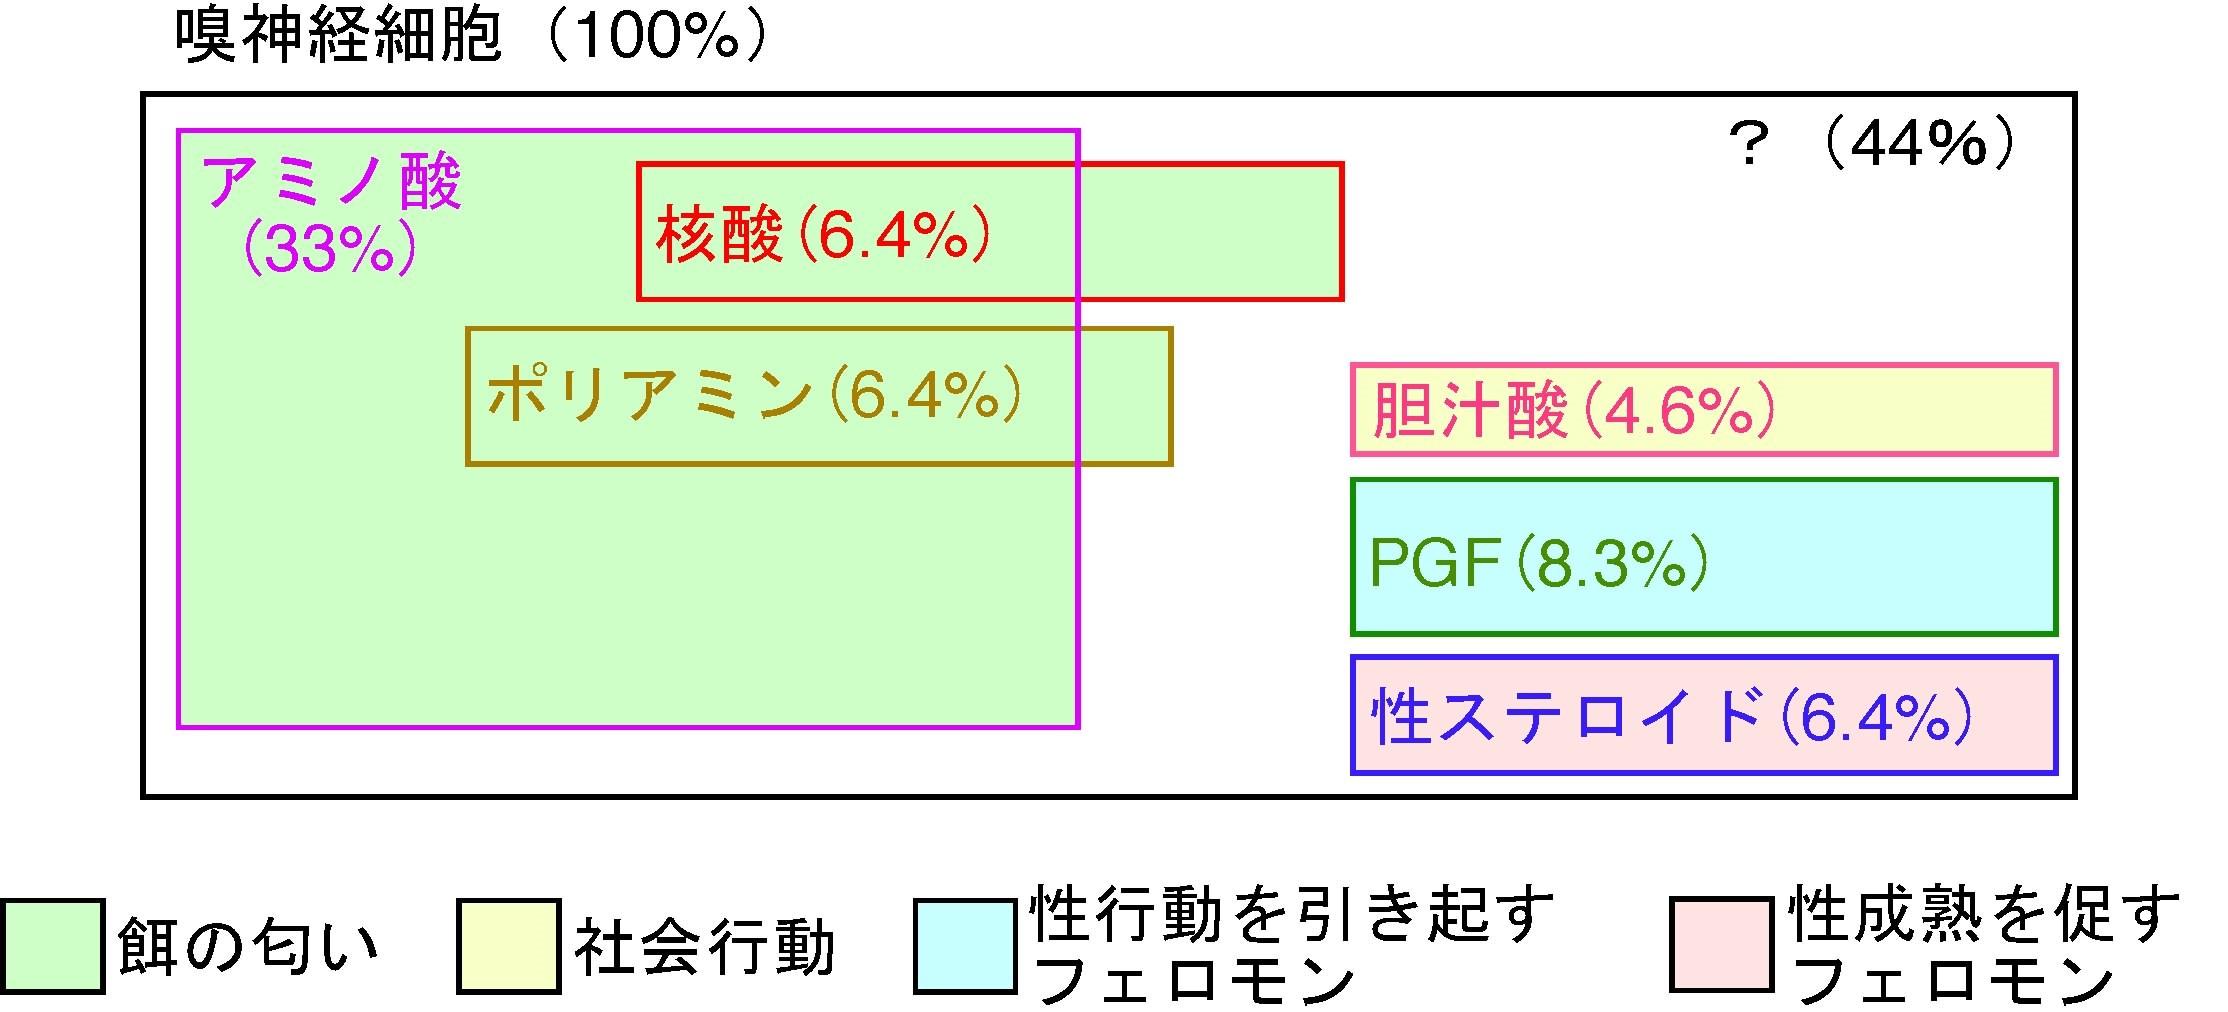 201803sato-2.jpg